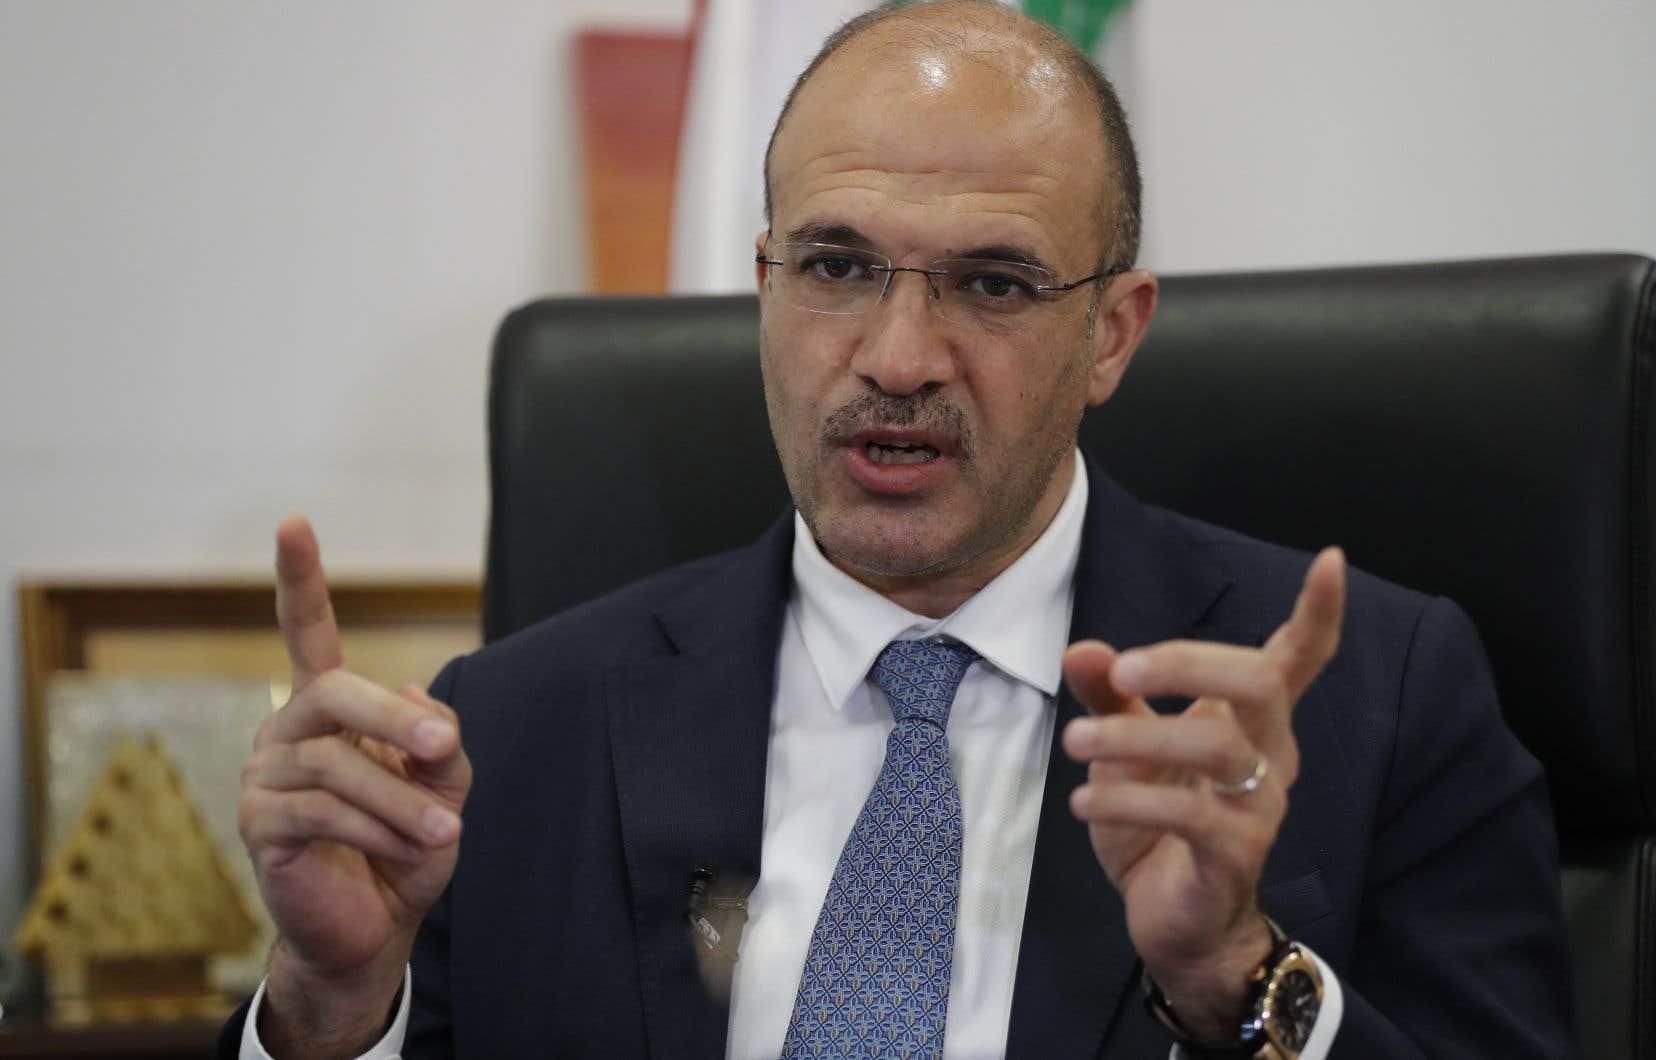 Selon le ministre libanais de la Santé,Hassan, le taux de mortalité au Liban a atteint «un pic» de 1,2% et ce chiffre ne doit pas être «pris à la légère».